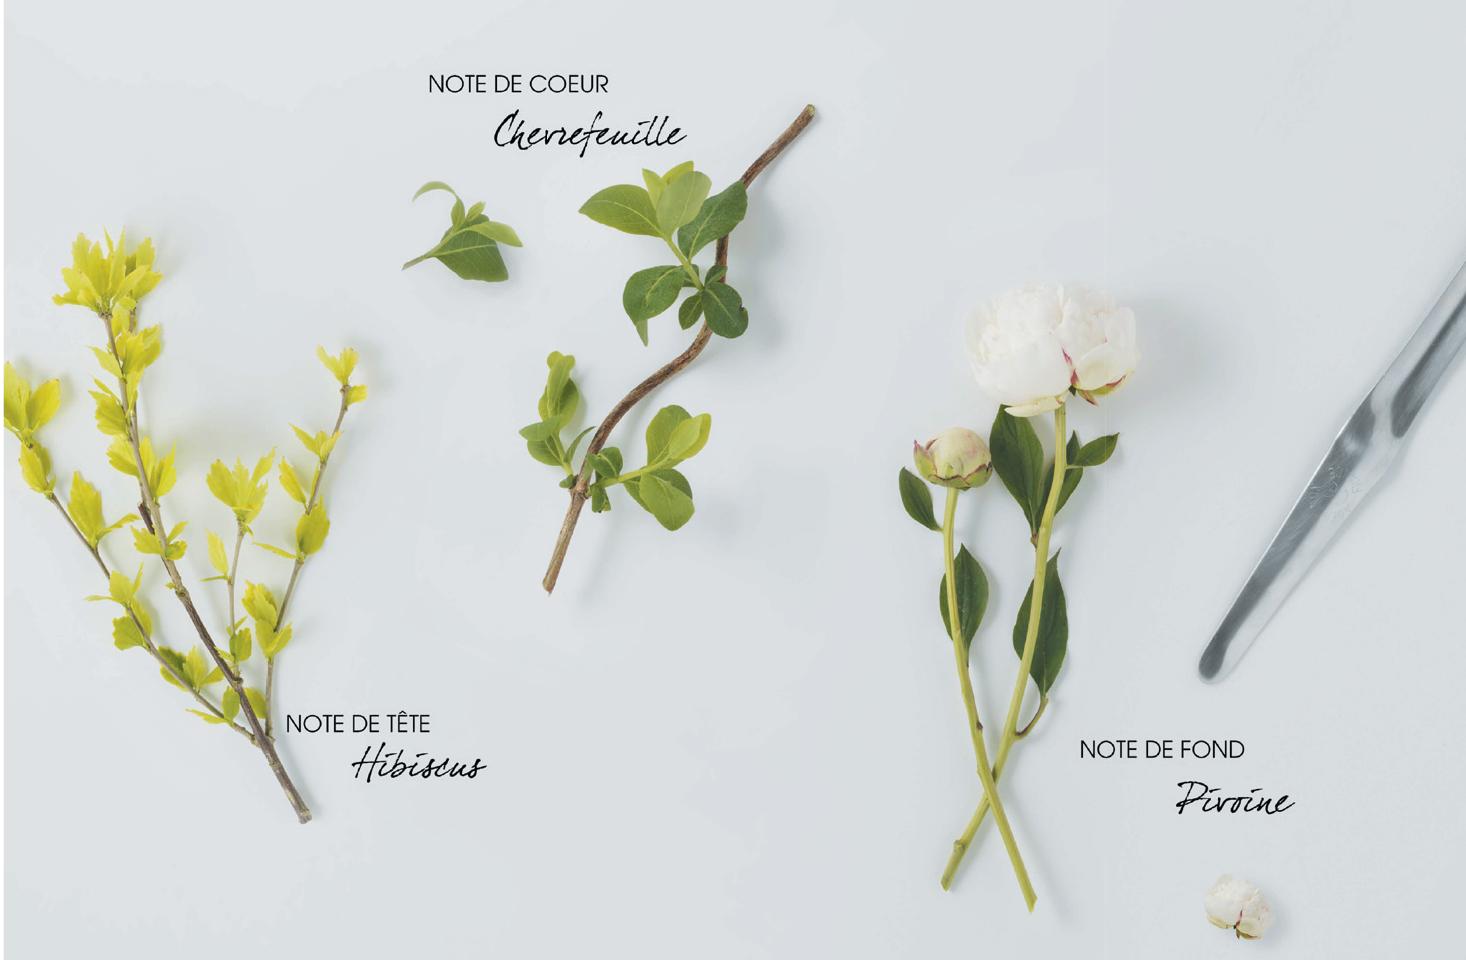 Klorane Klorane Cupuacu ist eine neue Körperpflegelinie mit Bio-Cupuaçu-Butter für die trockene Haut.